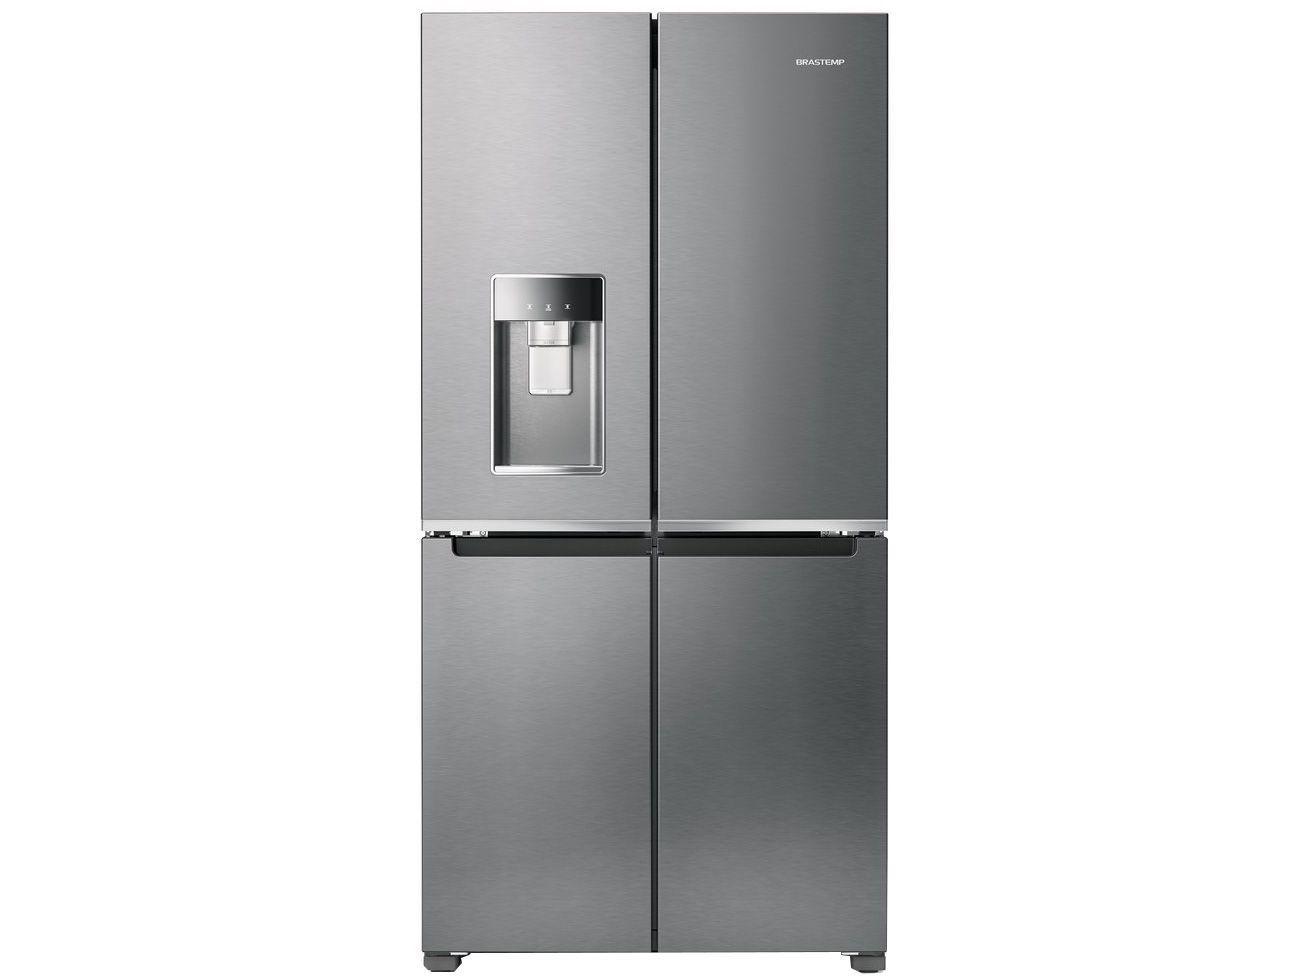 Geladeira/Refrigerador Brastemp Frost Free Inverse - 543L BRO90AK